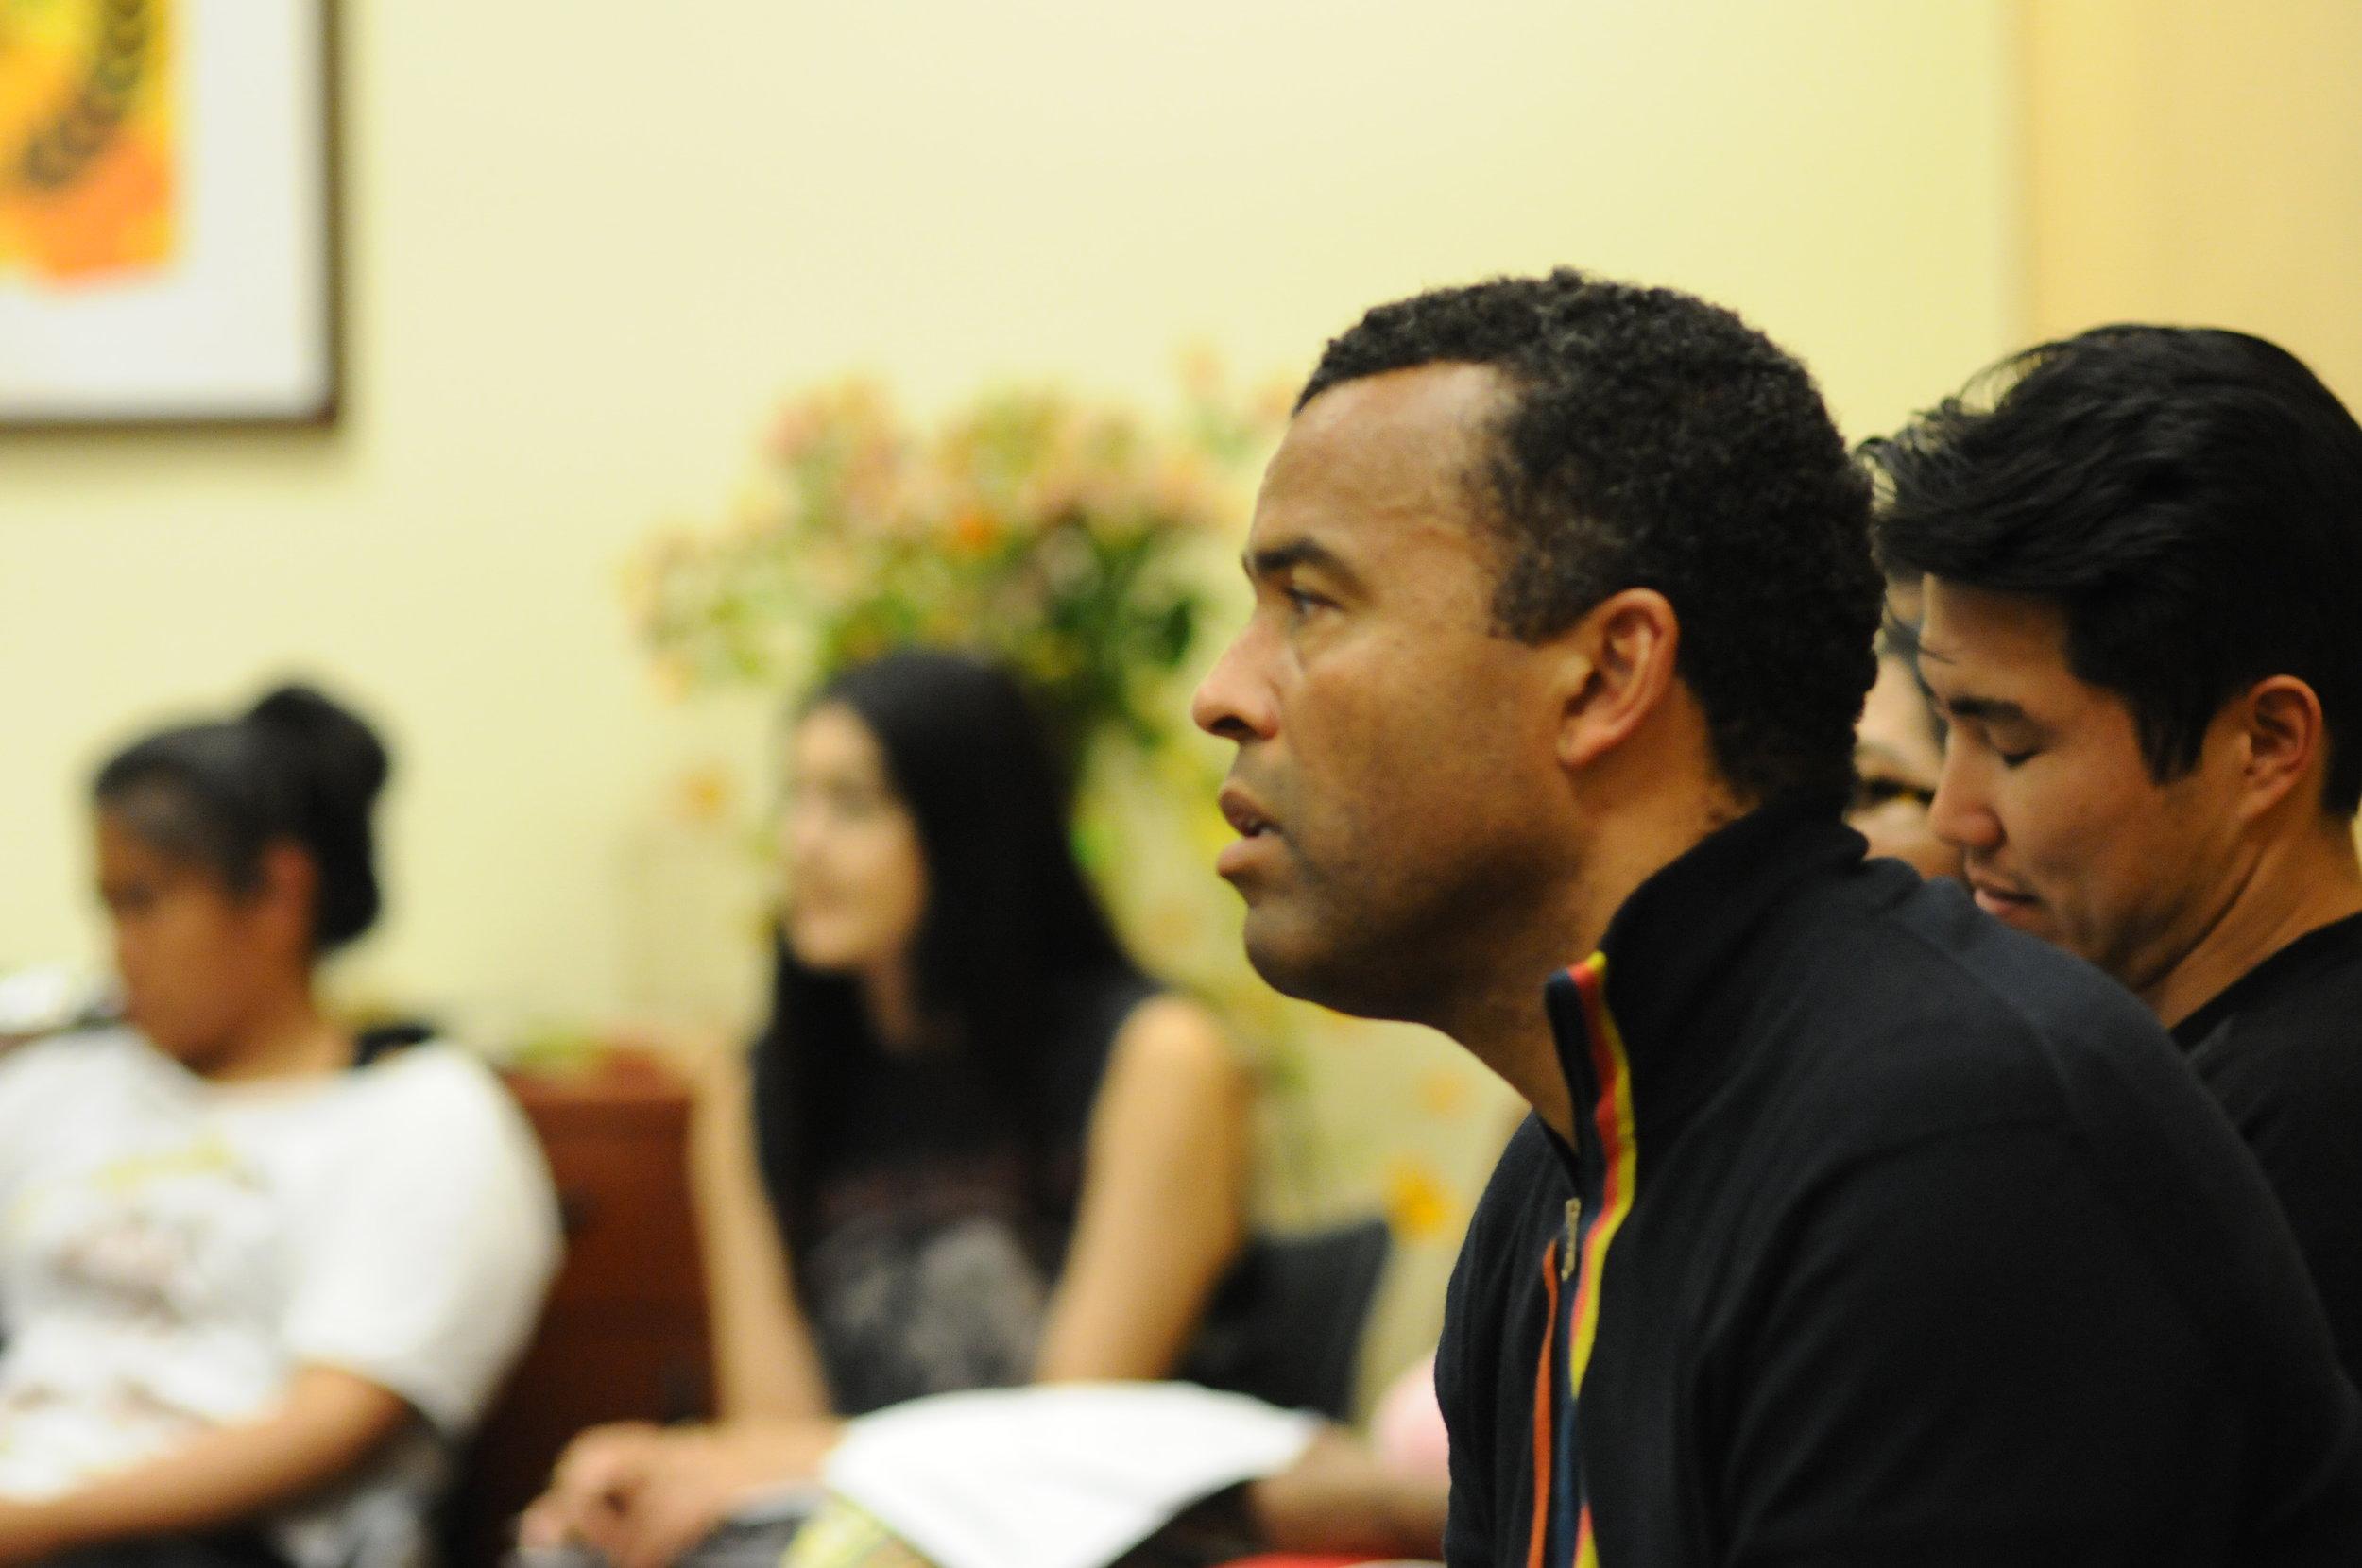 Oakland Equity team comm leader training wkshp 2 035.JPG